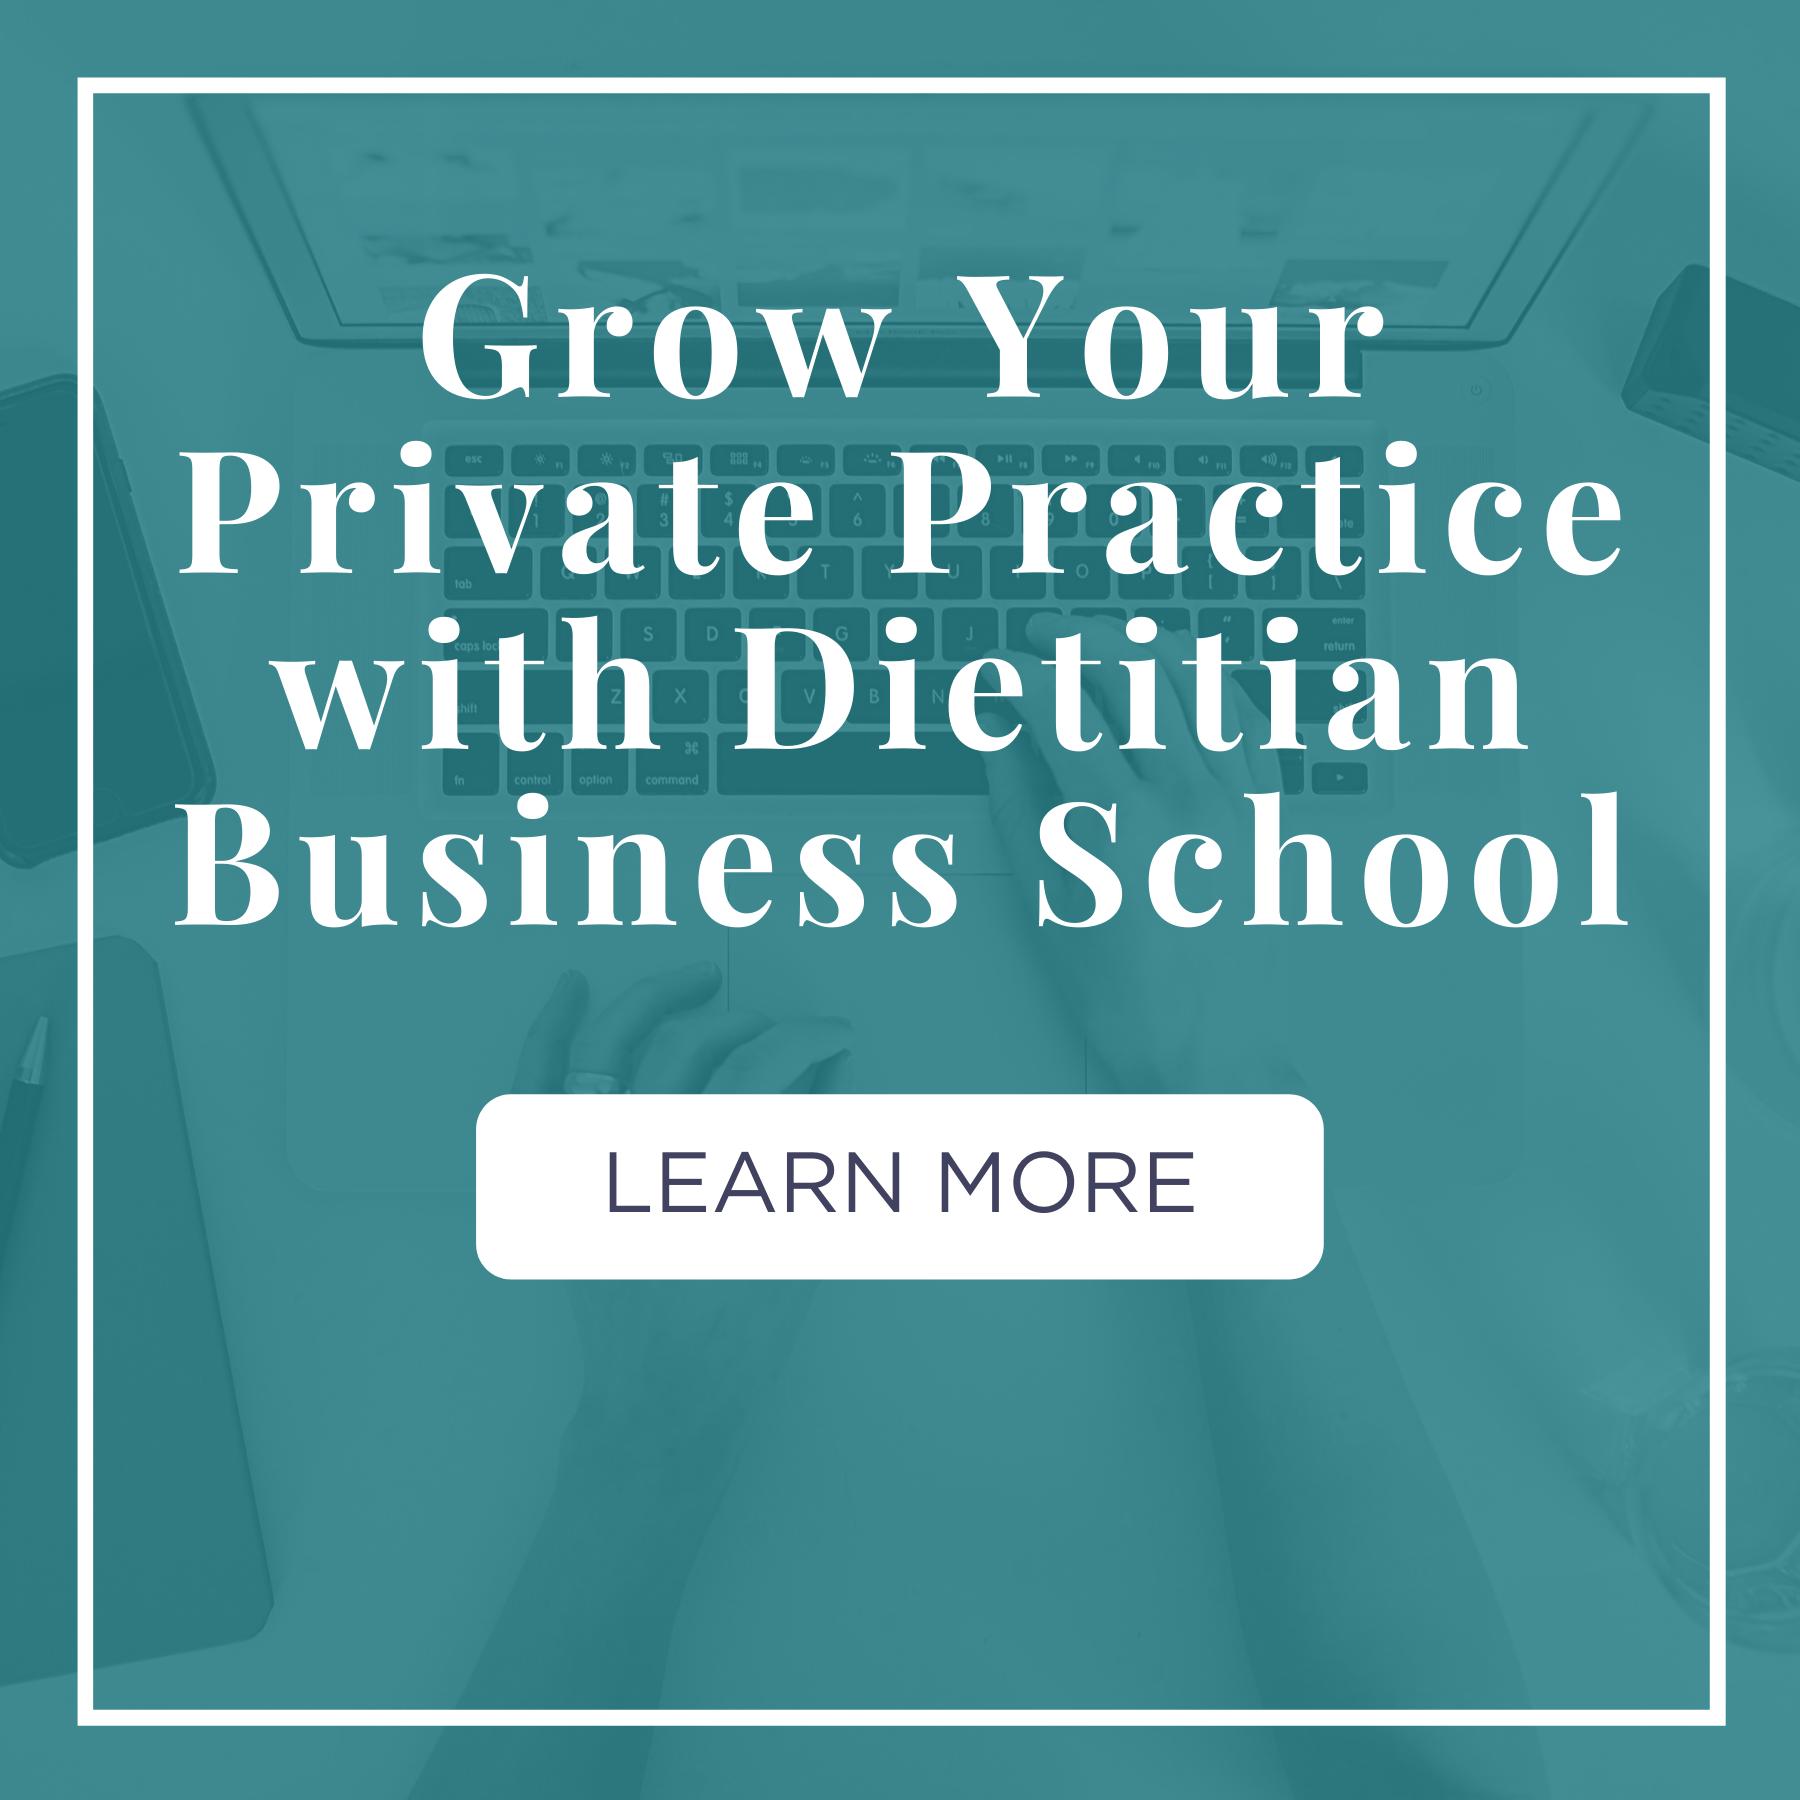 dietitian business school